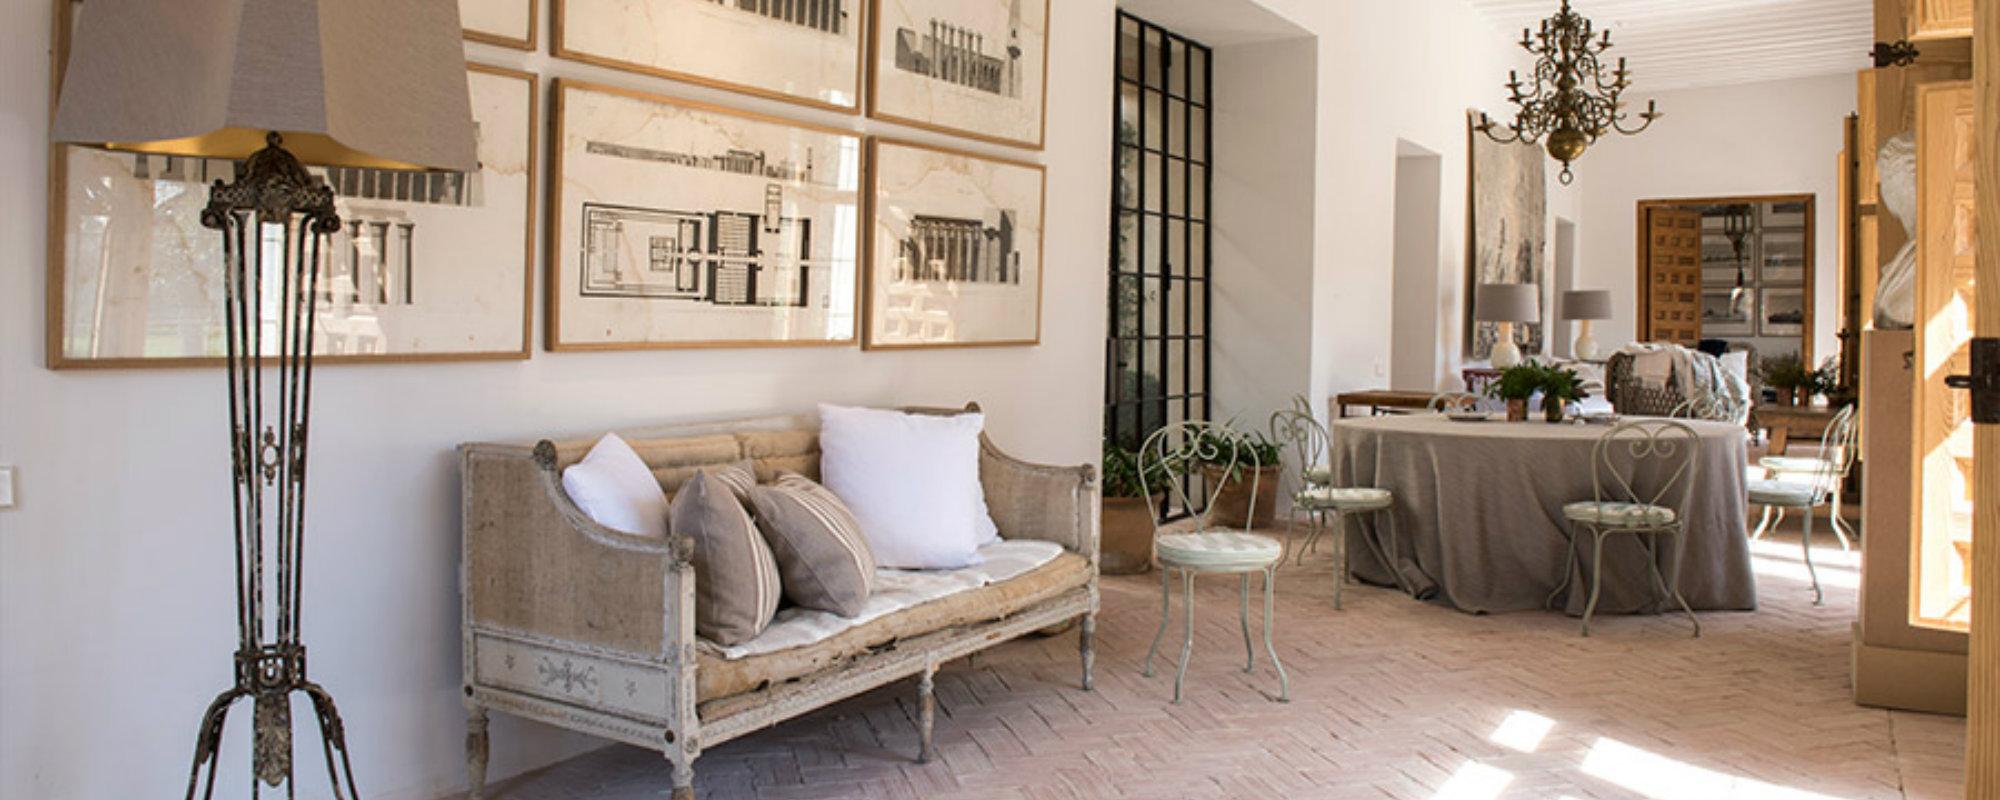 Luis Puerta: Un interiorista con estilos perfectos y elegantes en Madrid luis puerta Luis Puerta: Un interiorista con estilos perfectos y elegantes en Madrid Featured 10